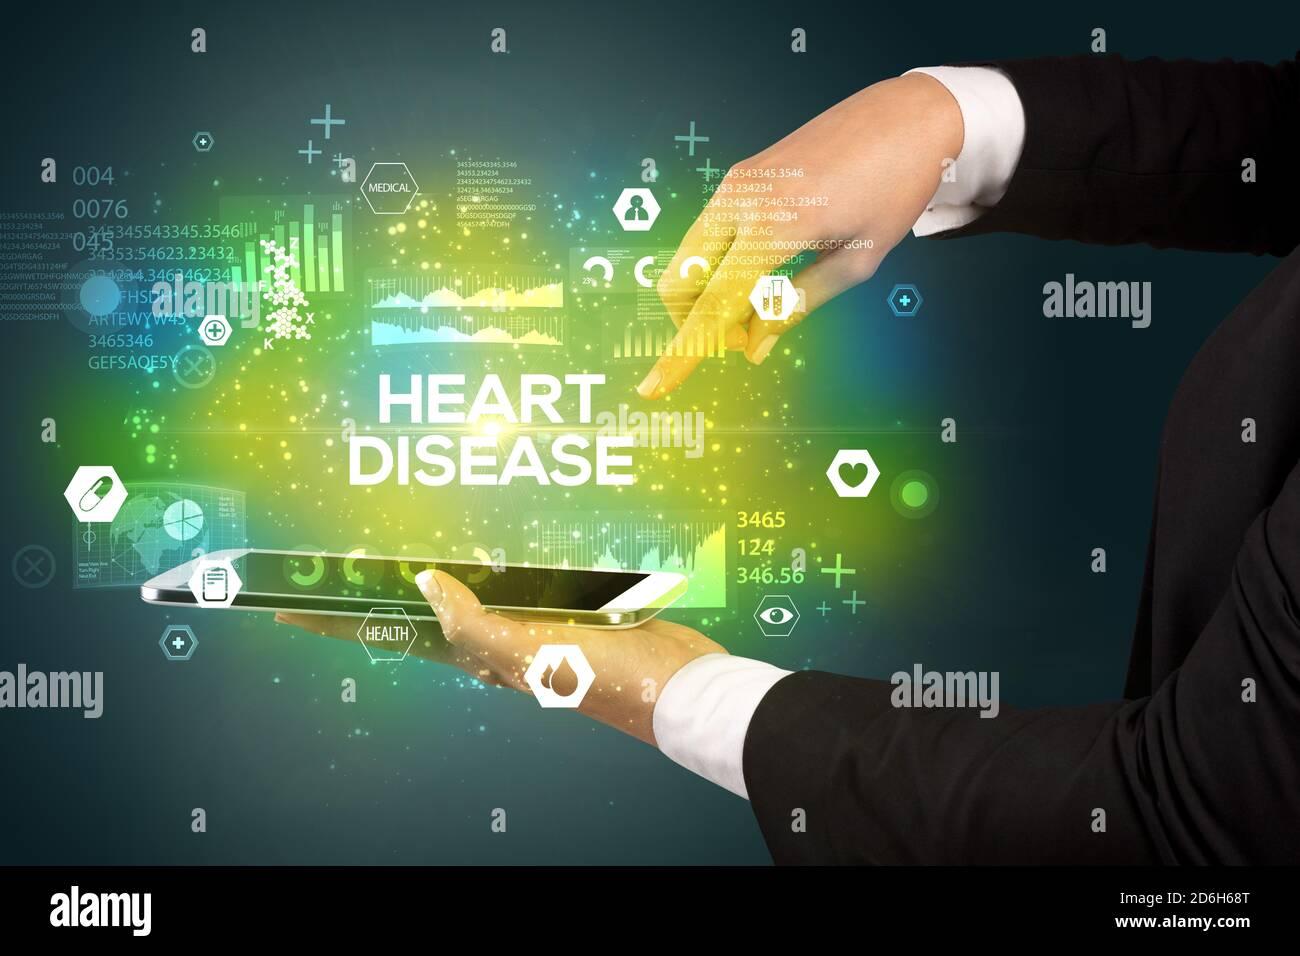 Gros plan d'un écran tactile avec inscription DE MALADIE CARDIAQUE, concept médical Banque D'Images